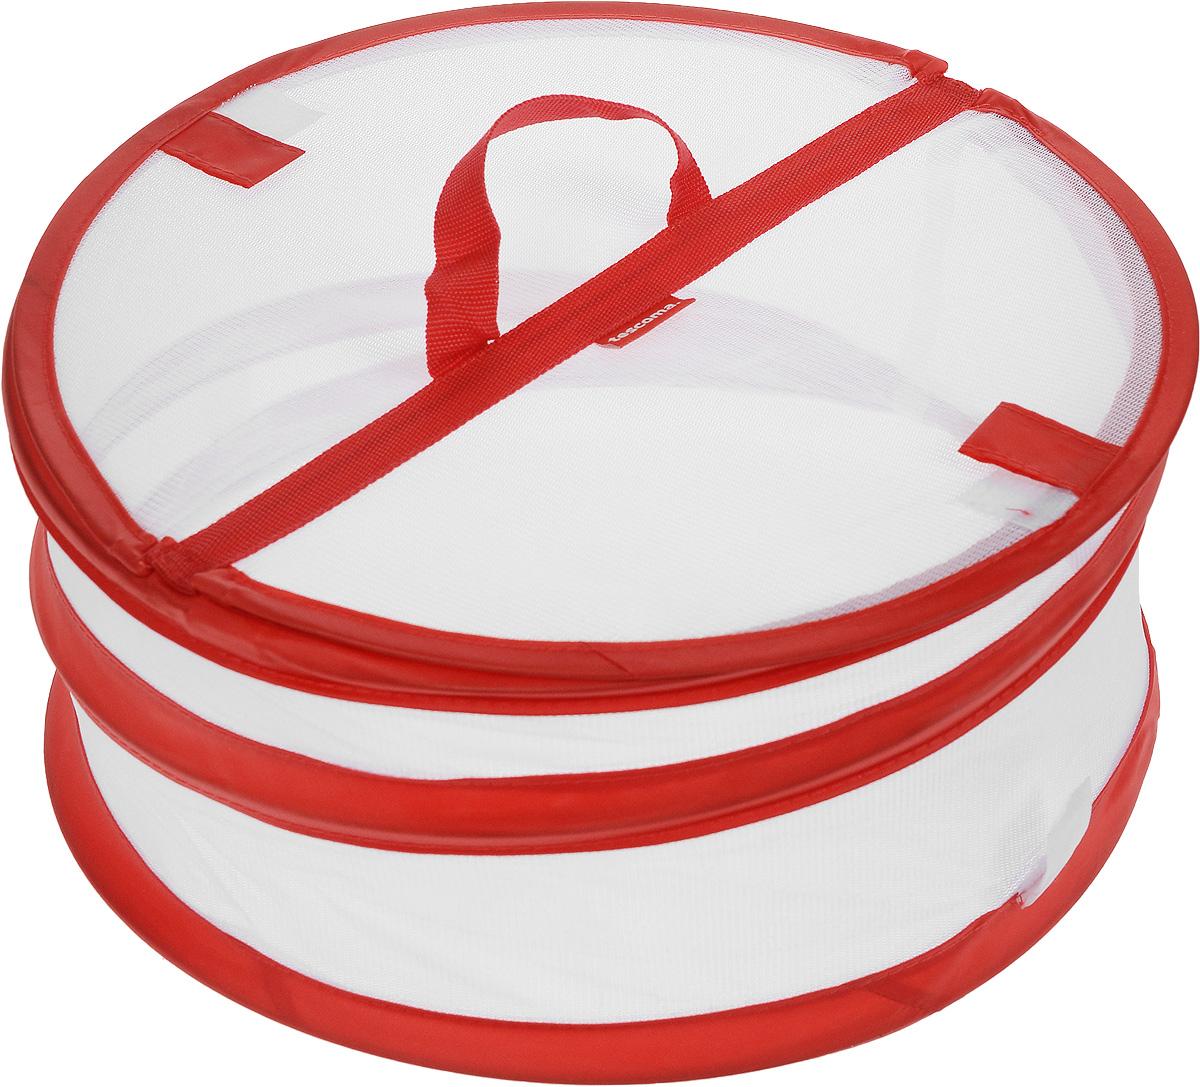 """Крышка для пищевых продуктов Tescoma """"Delicia"""", складная, цвет: белый, красный, диаметр 30 см 630850_красный"""